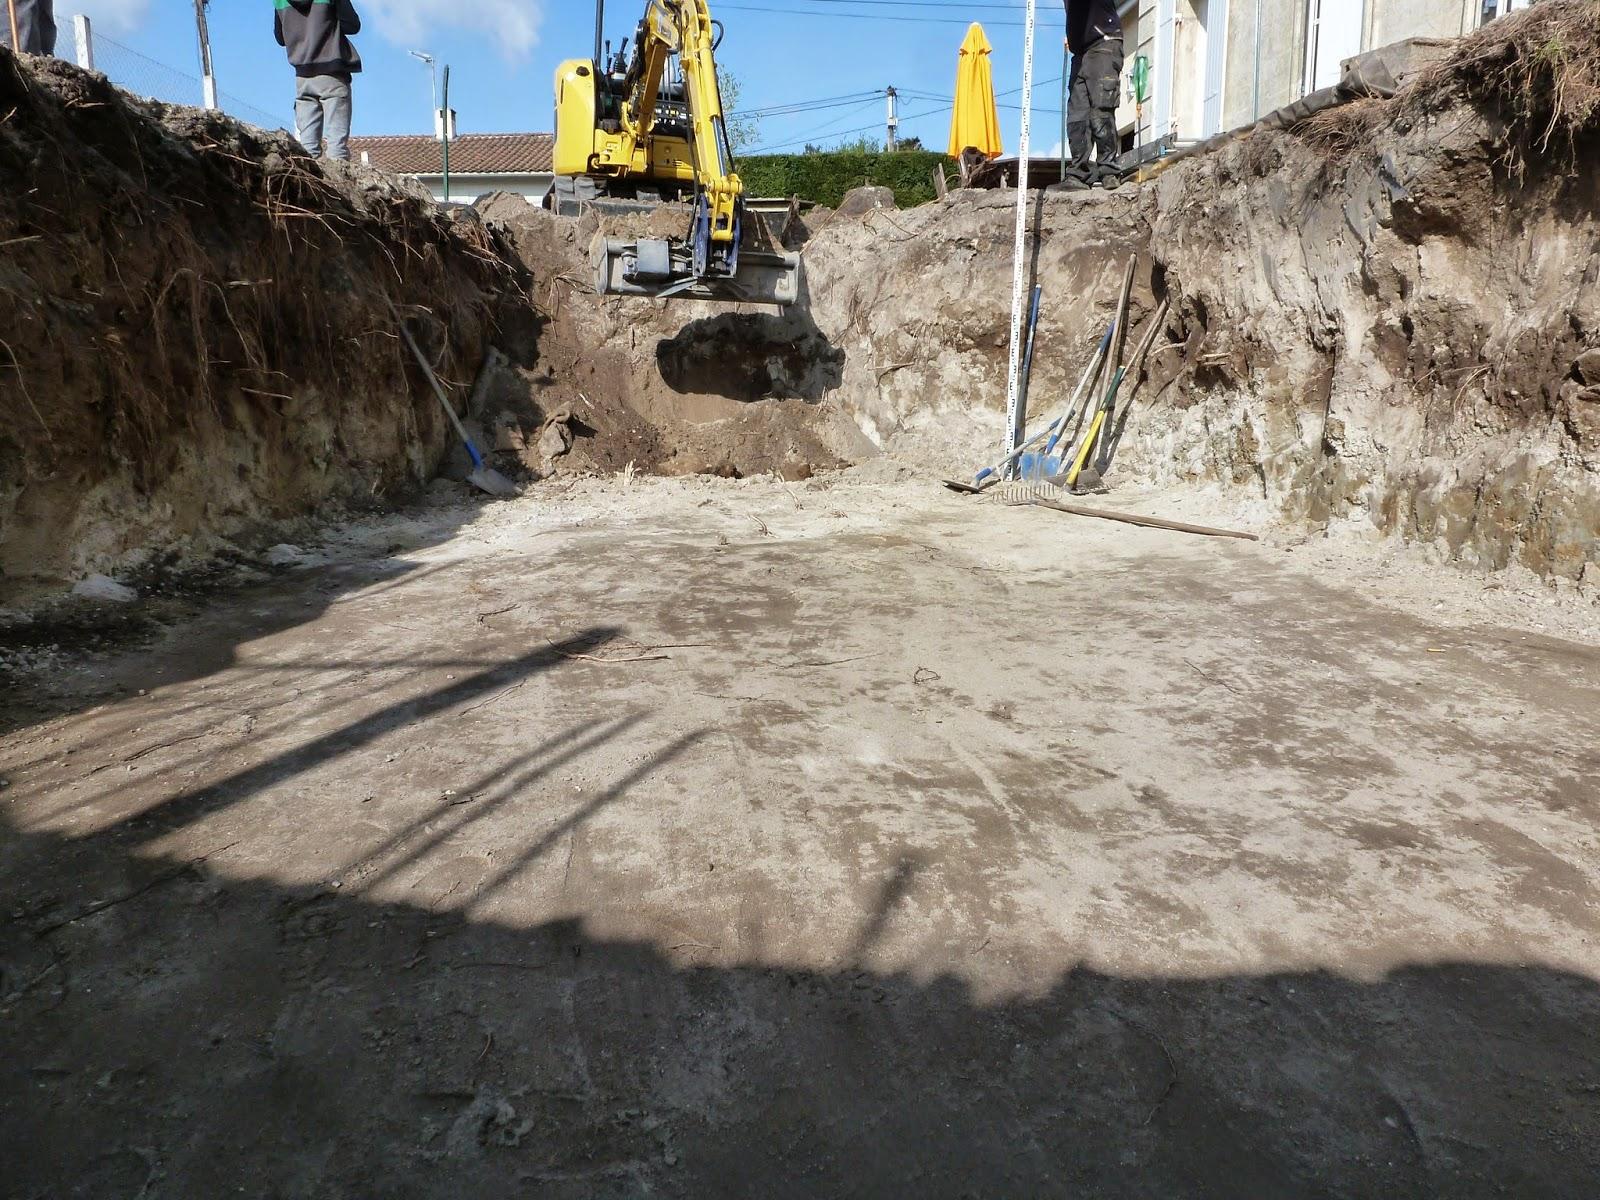 Projet tapes de construction d 39 une piscine en gironde for Construction piscine 54